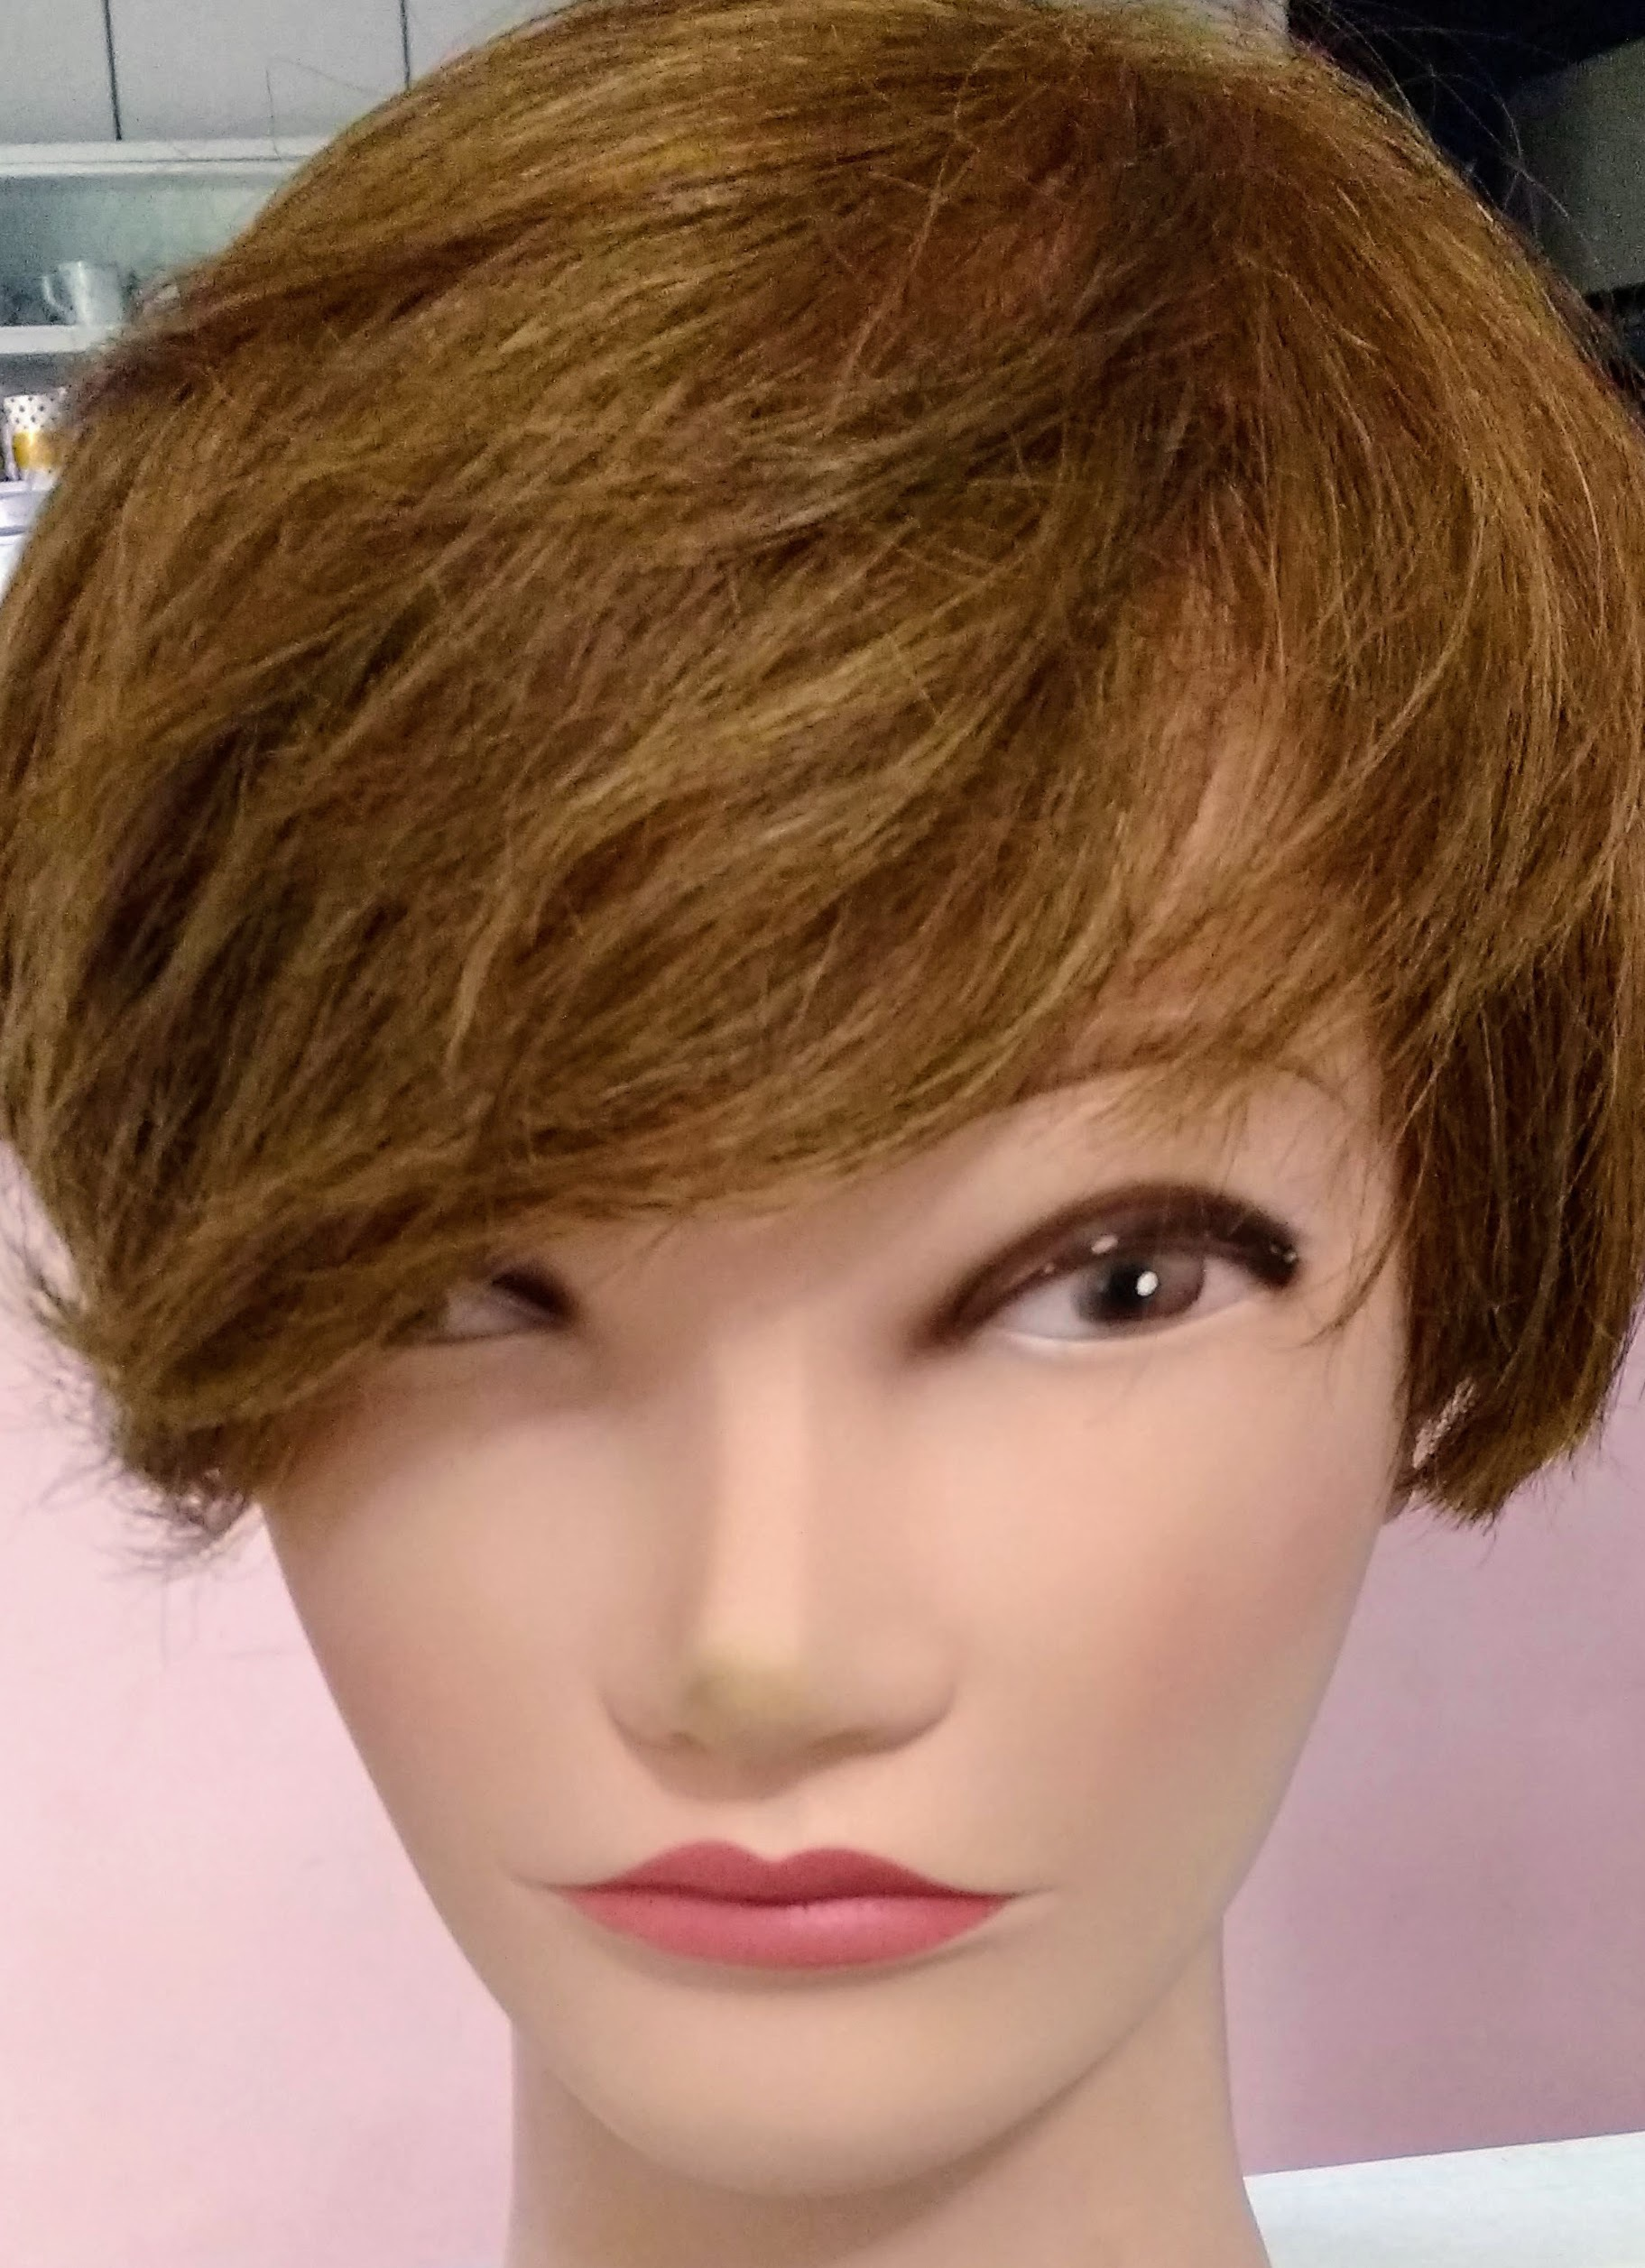 Corte chant cabelo estudante (cabeleireiro)